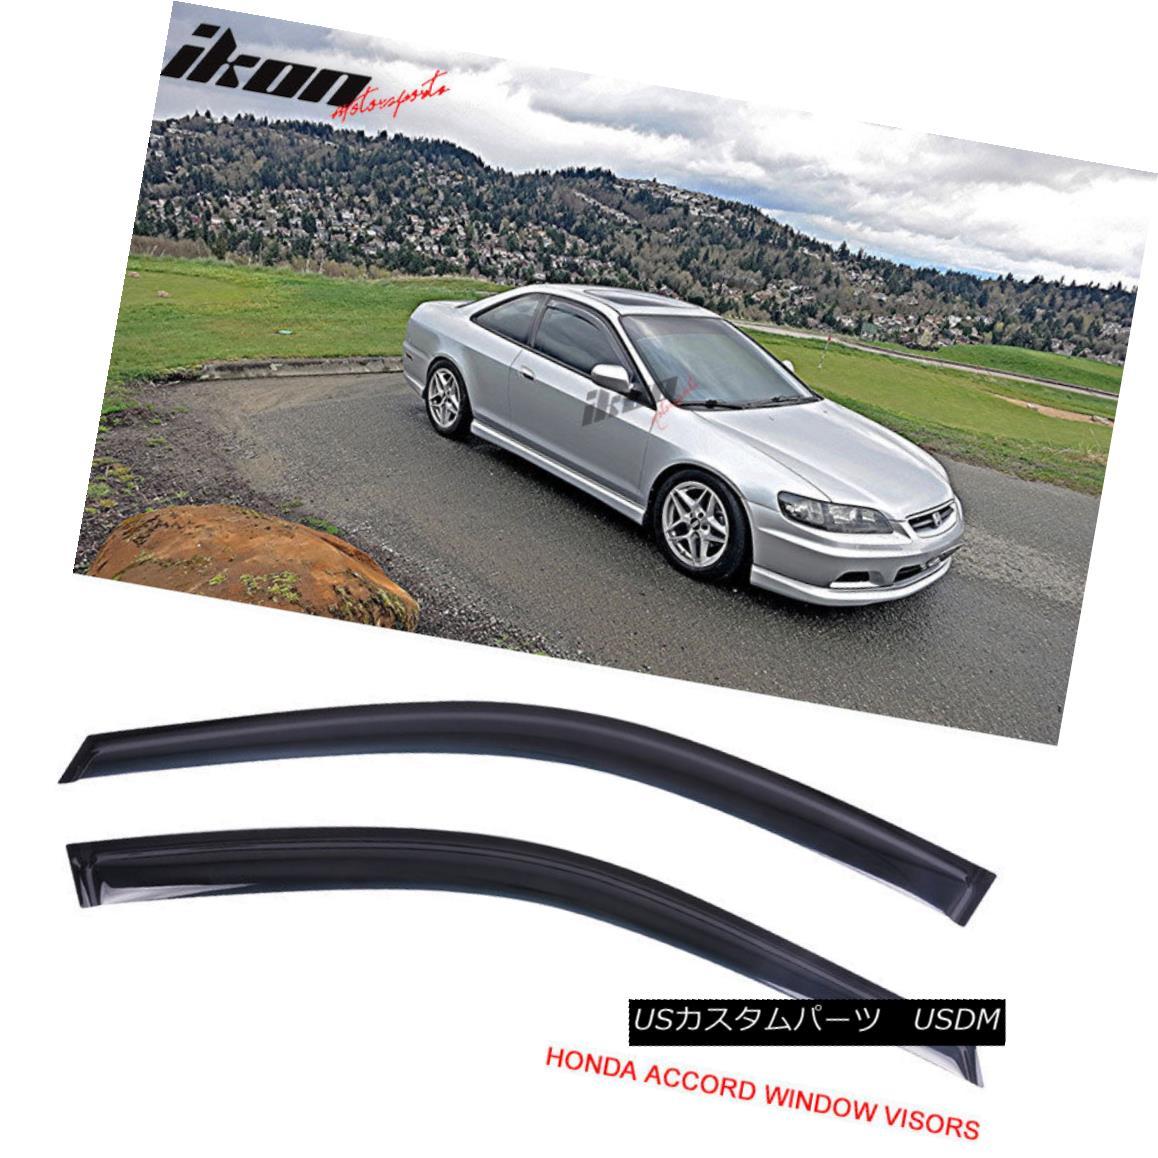 エアロパーツ Fits 98-02 Honda Accord Coupe Acrylic Window Visors 2Pc Set フィット98-02ホンダアコードクーペアクリル窓バイザー2PCセット